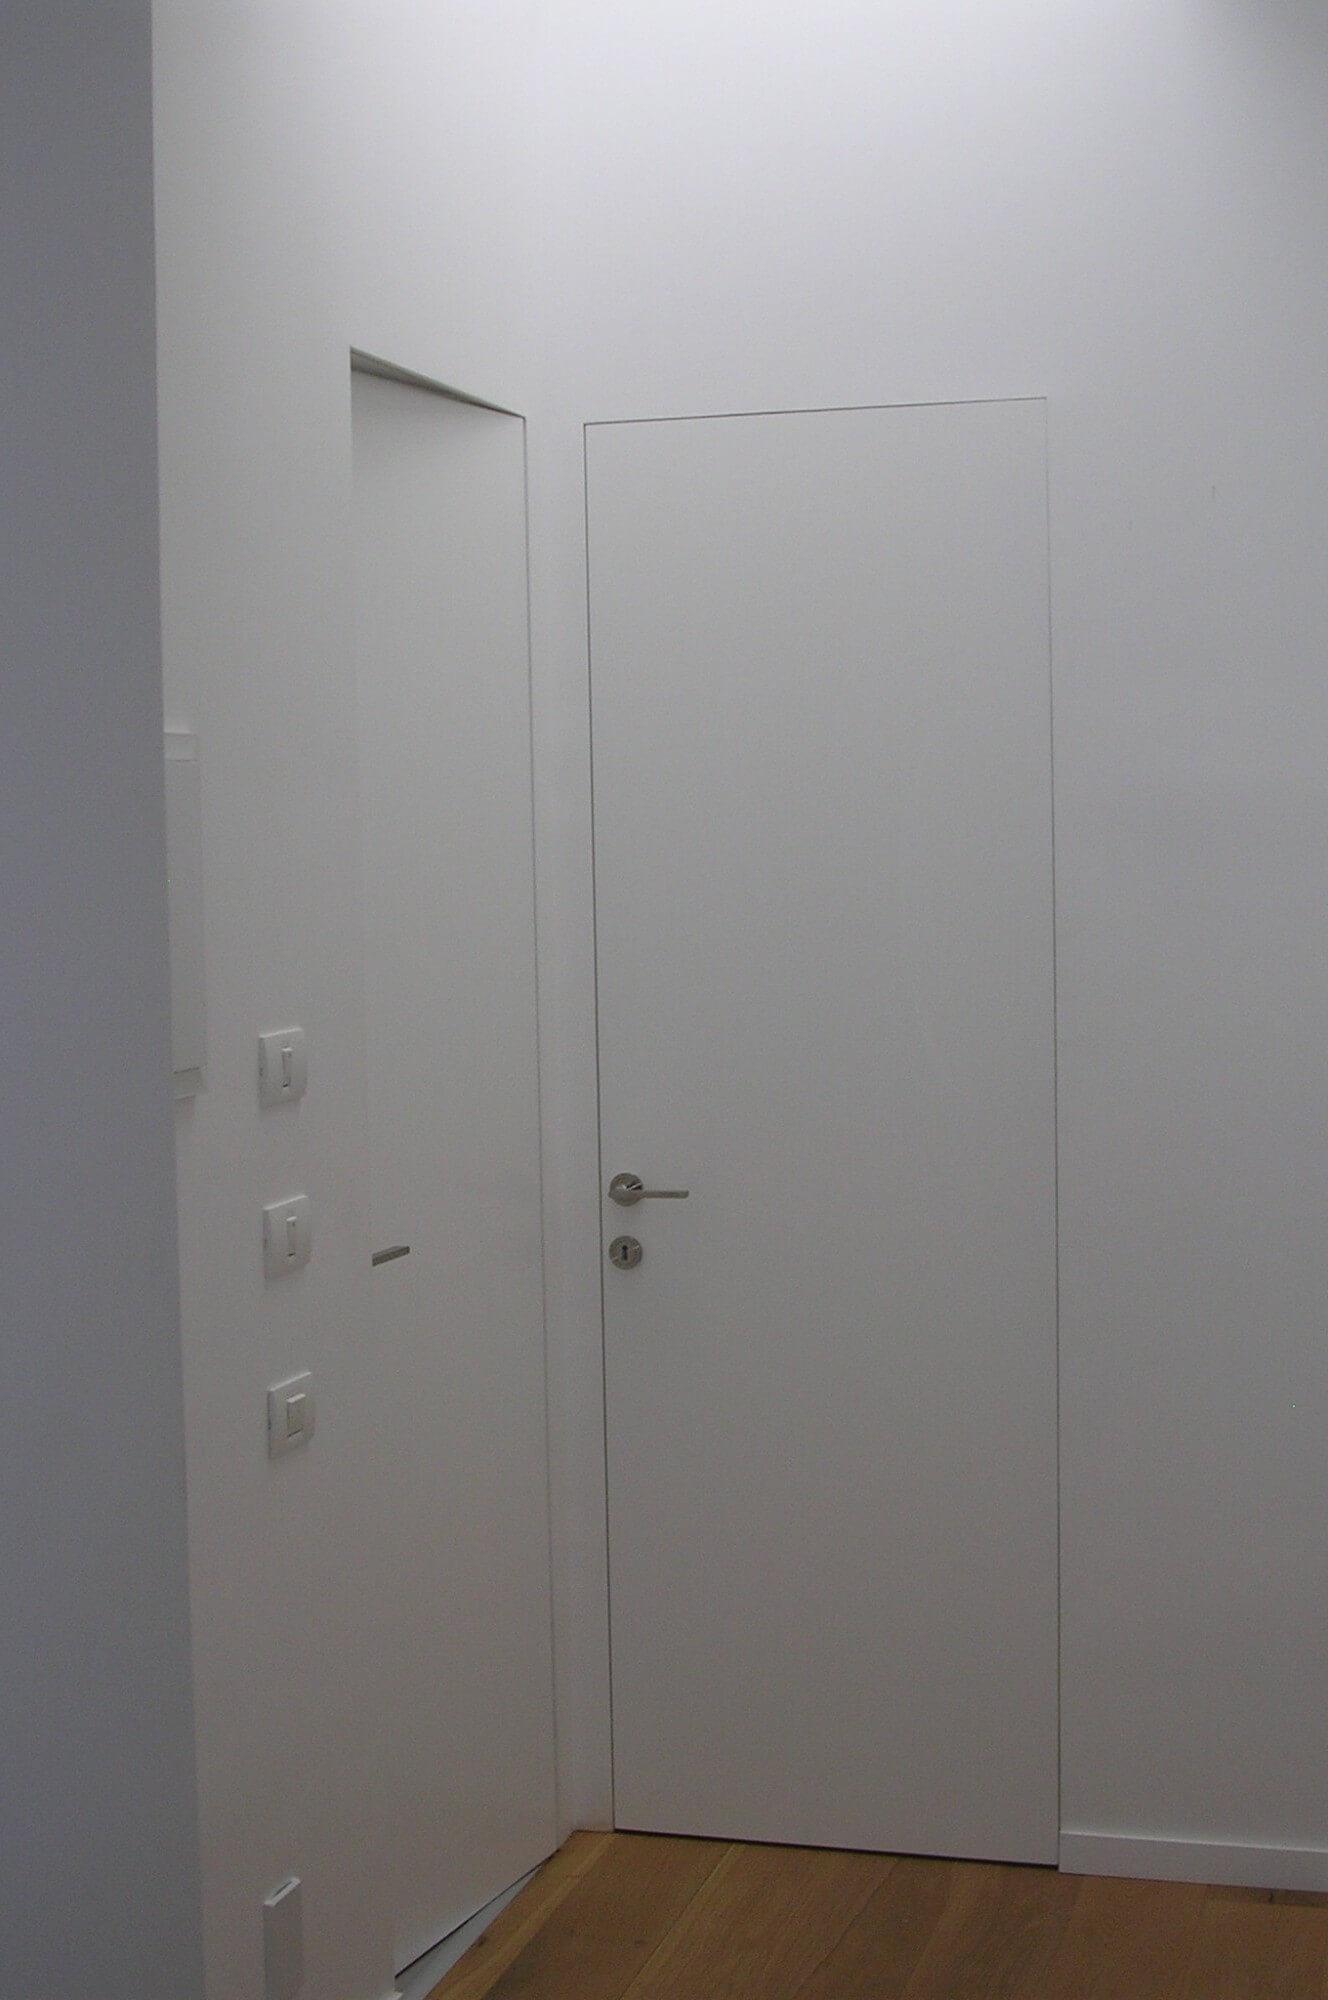 דלתות משקוף סמוי